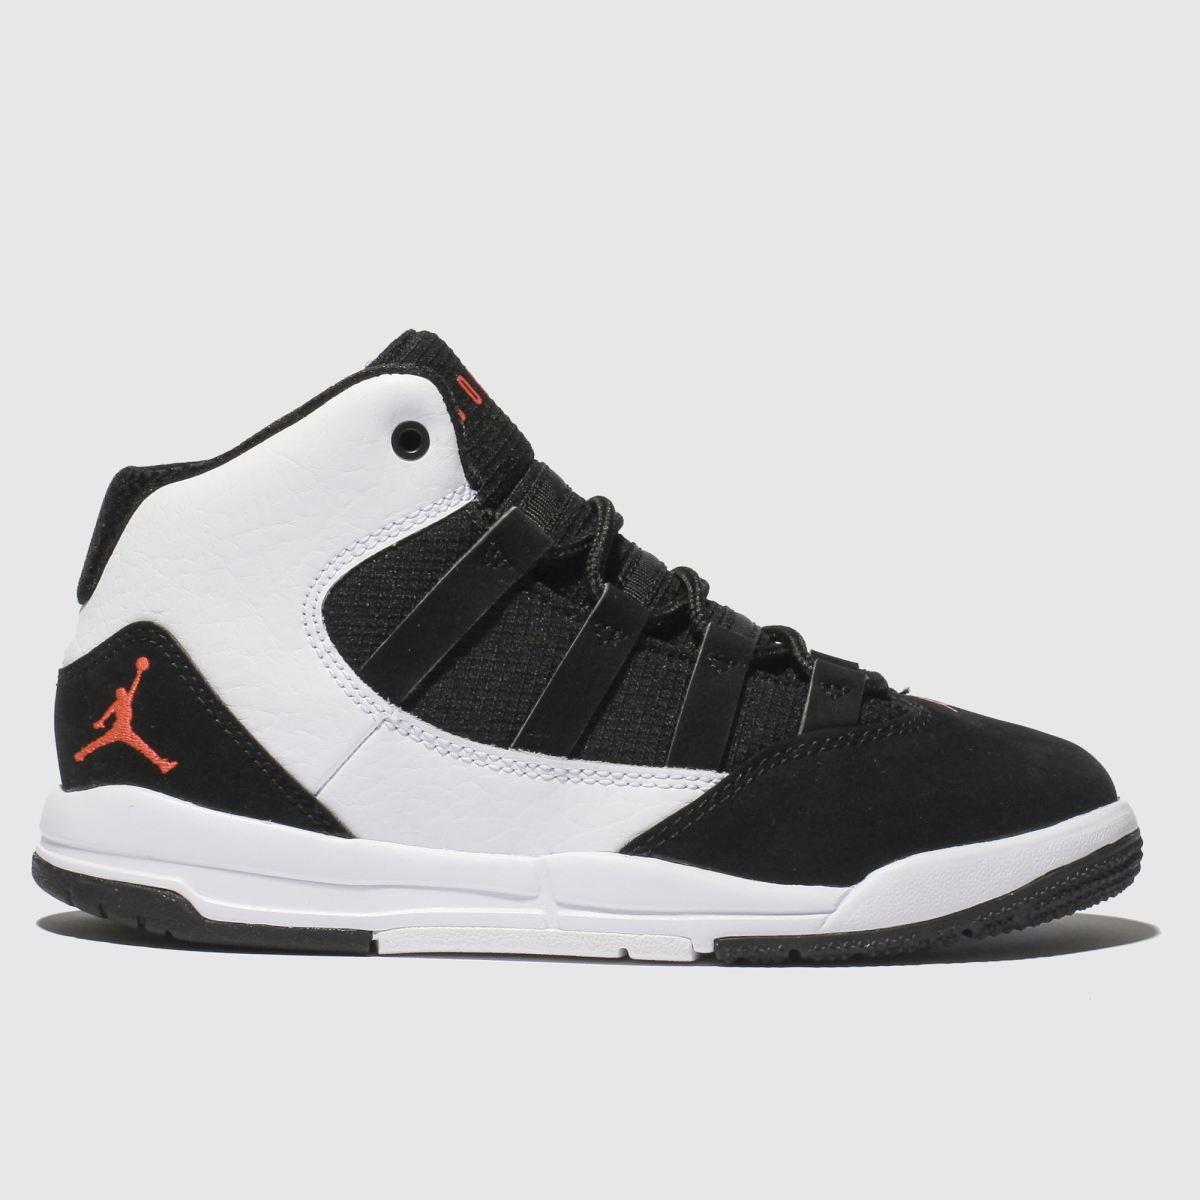 Nike Jordan White & Black Nike Jordan Max Aura Trainers Junior